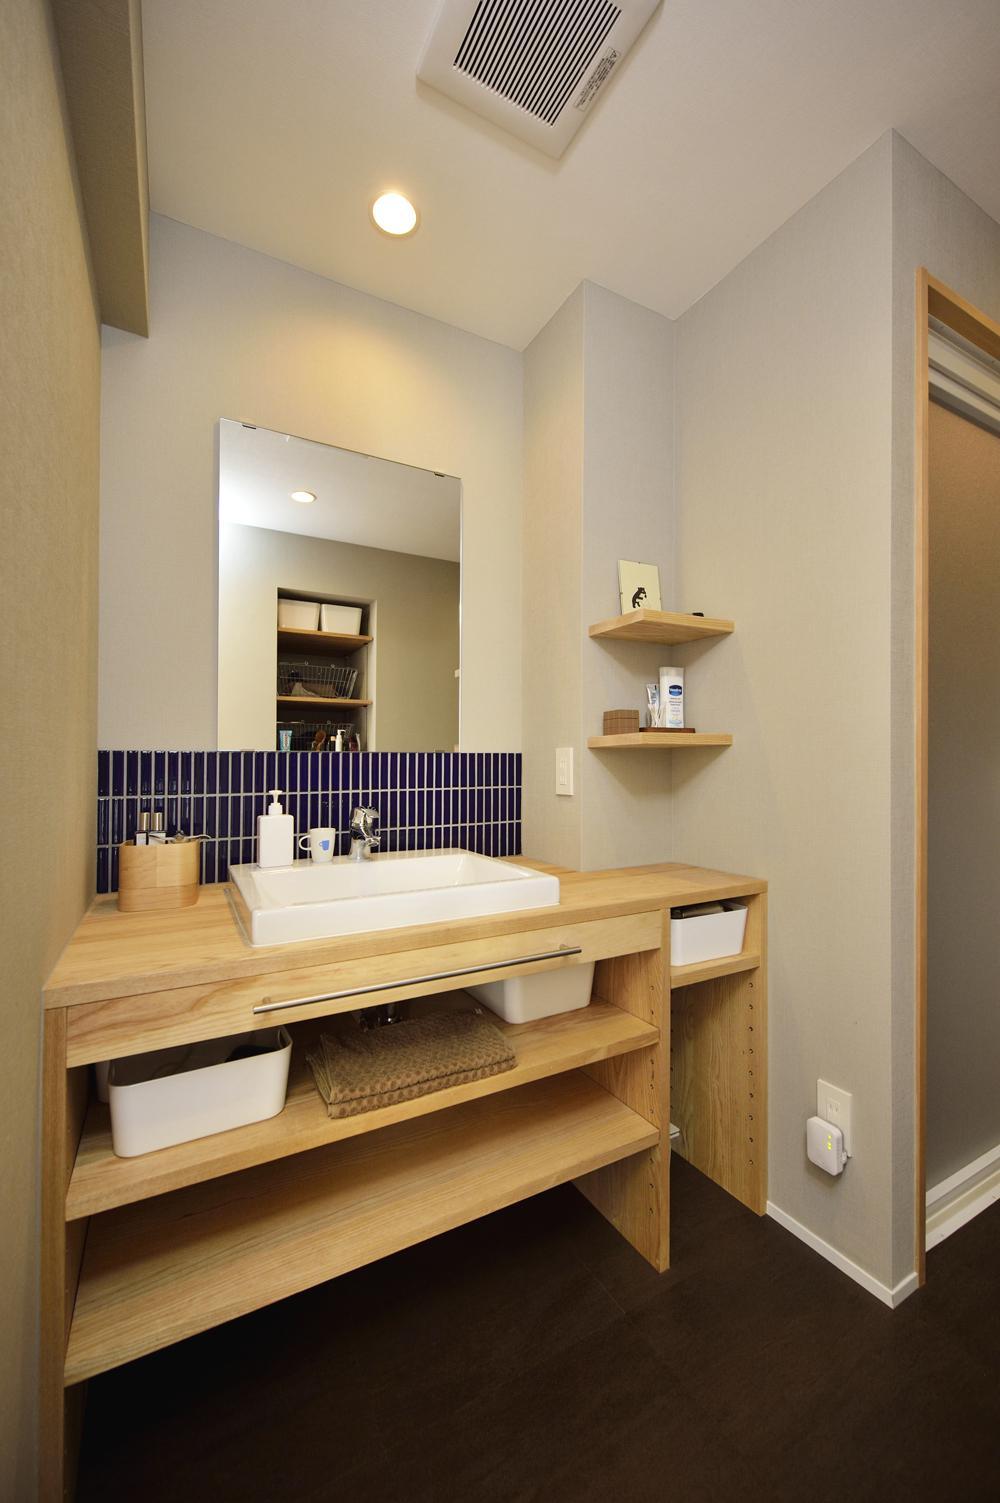 バス/トイレ事例:ブルータイルがアクセントの洗面室(K邸・暮しを彩る収納のある家)